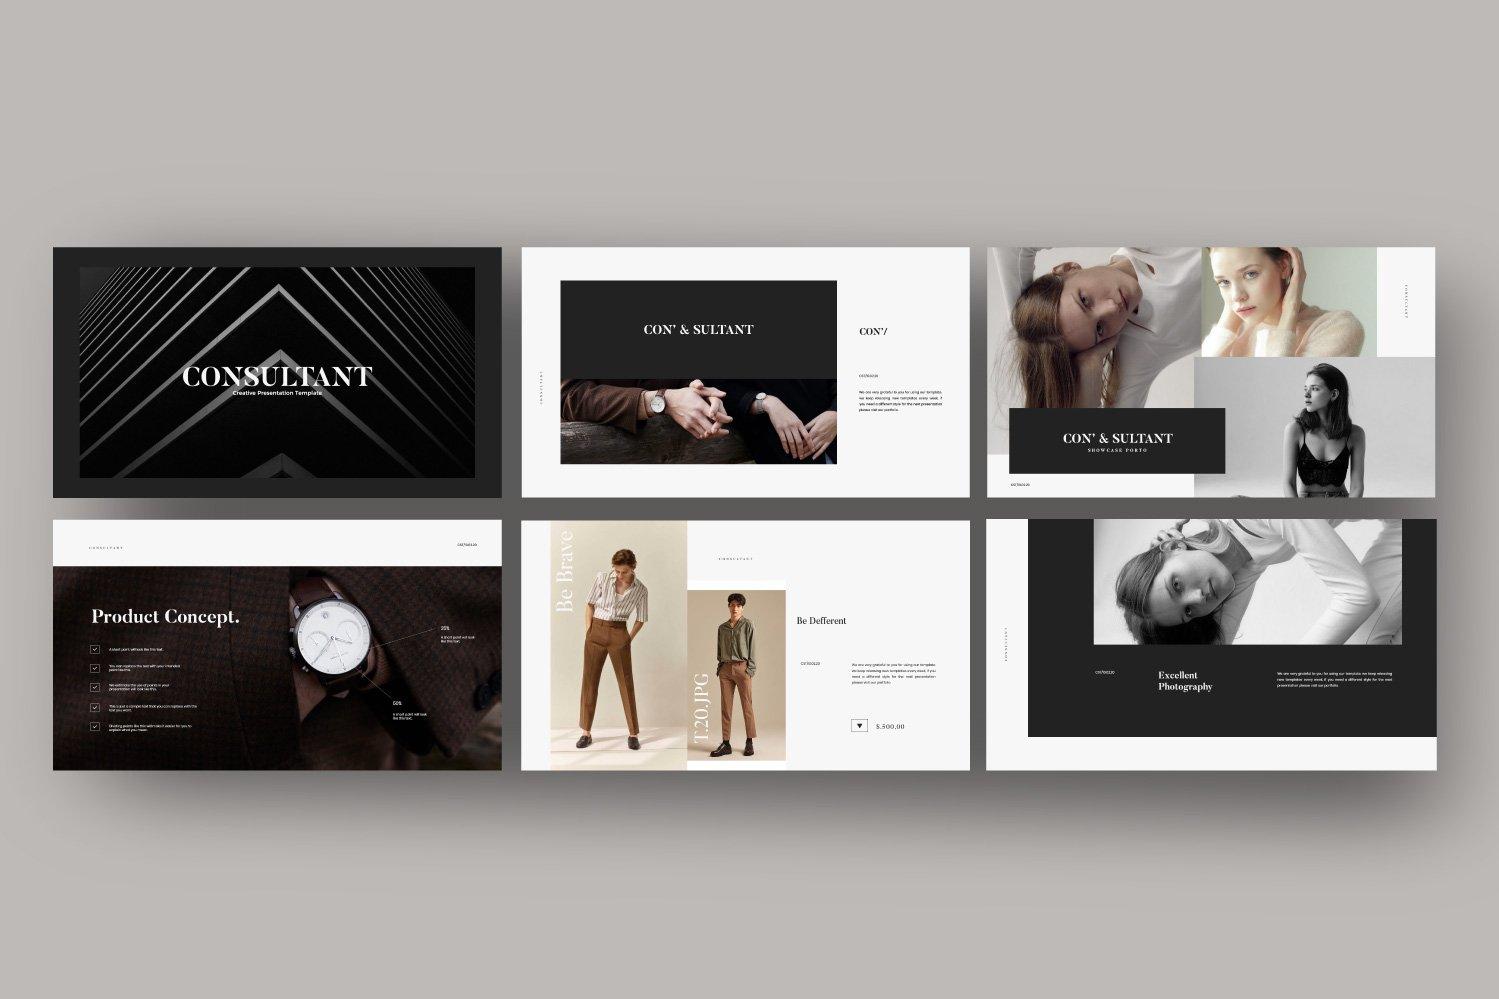 时尚服装摄影作品集设计演示文稿模板 Consultant – Powerpoint Minimalis Creative插图(1)